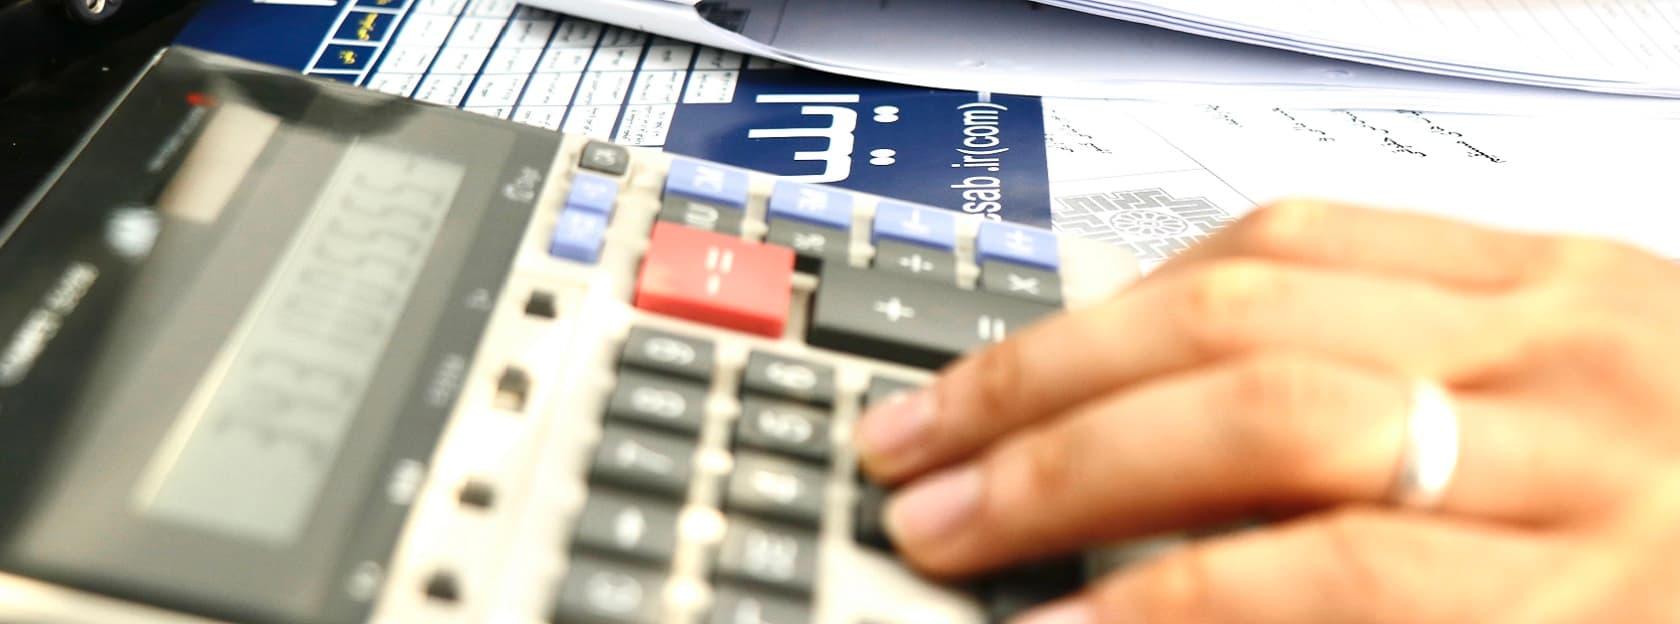 خدمات مالی در زنجان